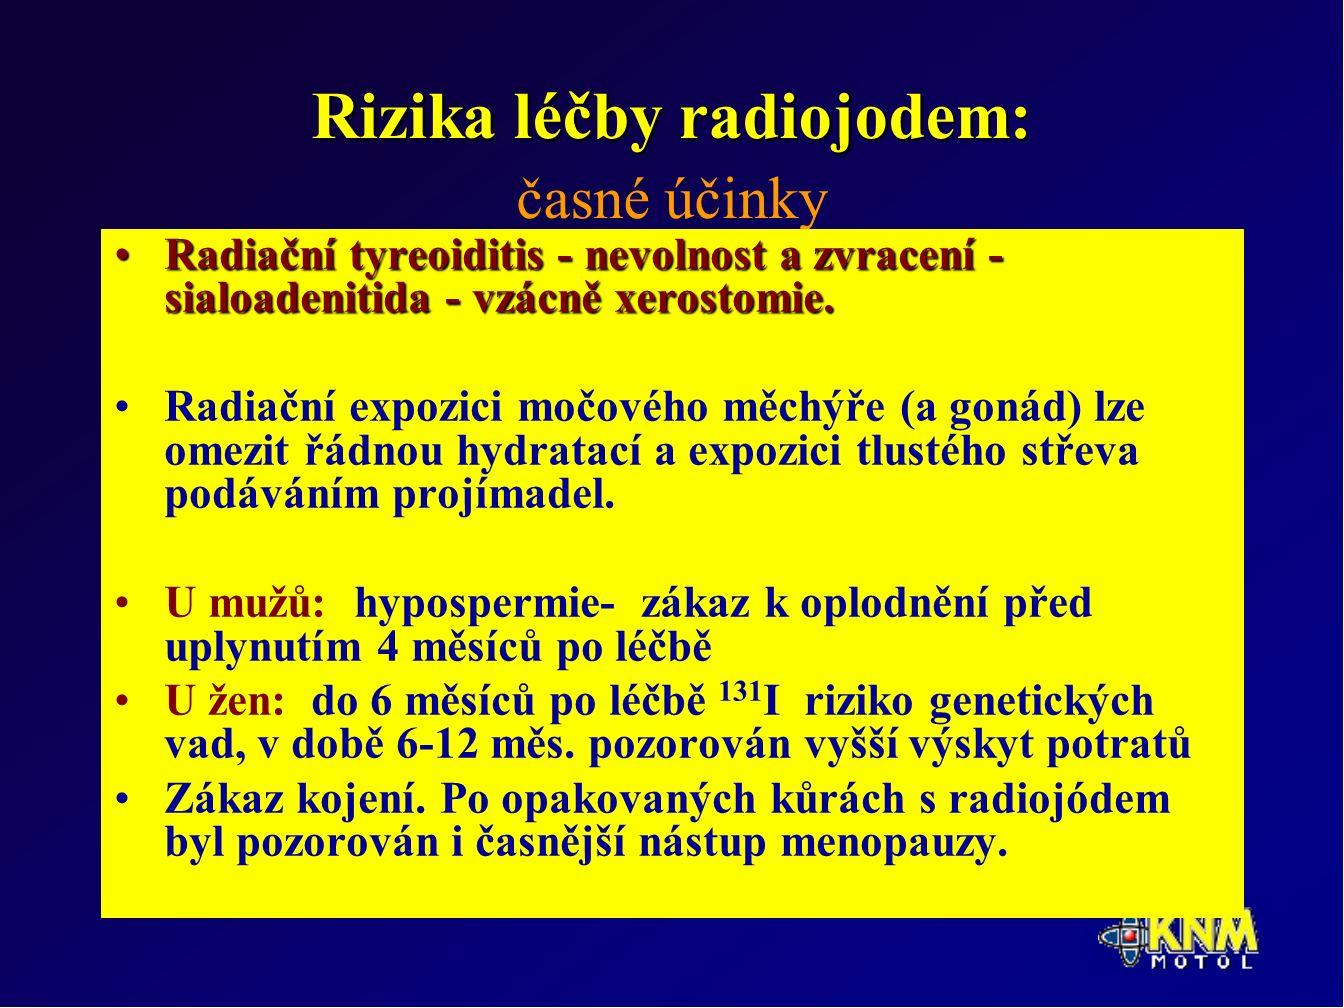 Rizika léčby radiojodem: Rizika léčby radiojodem: časné účinky Radiační tyreoiditis - nevolnost a zvracení - sialoadenitida - vzácně xerostomie.Radiační tyreoiditis - nevolnost a zvracení - sialoadenitida - vzácně xerostomie.